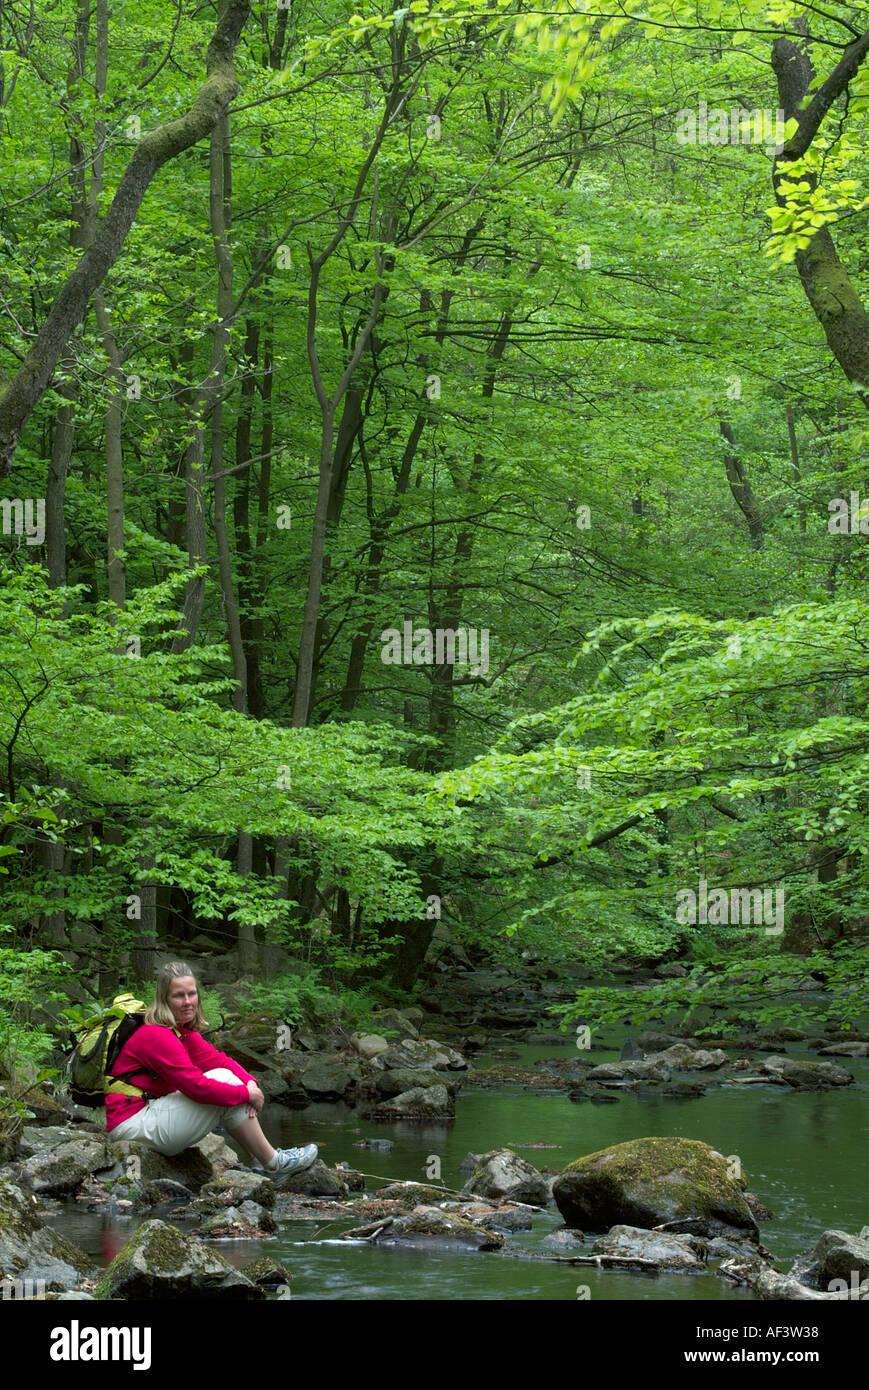 Girl Sitting in Woodland Soderasen Nationalpark Skane Sweden - Stock Image